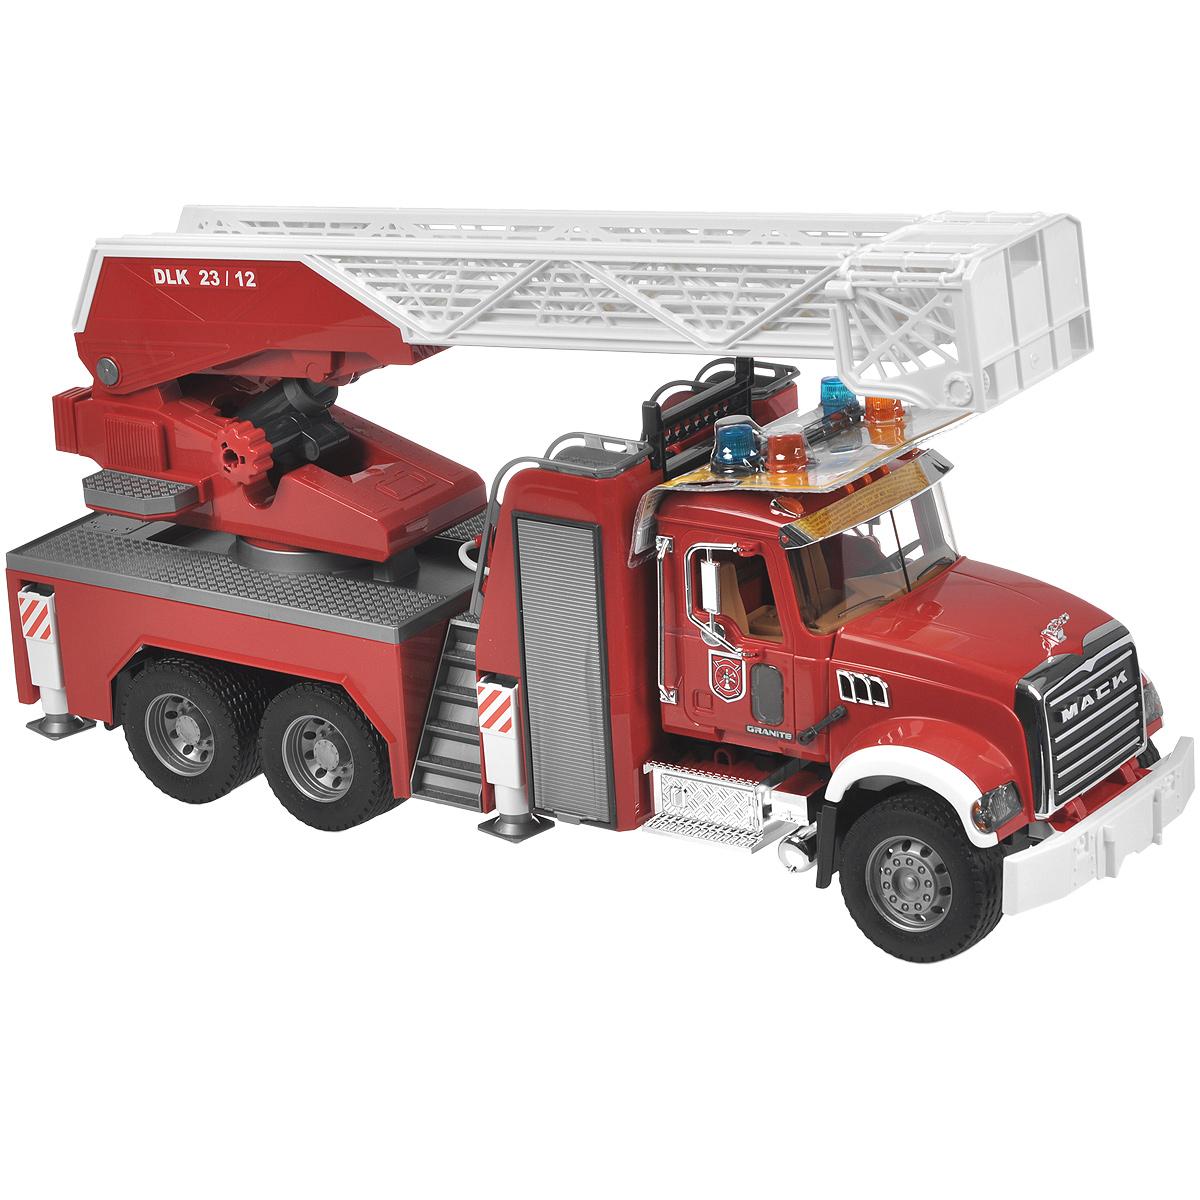 Bruder Пожарная машина Mack bruder пожарная машина mack с выдвижной лестницей и помпой bruder